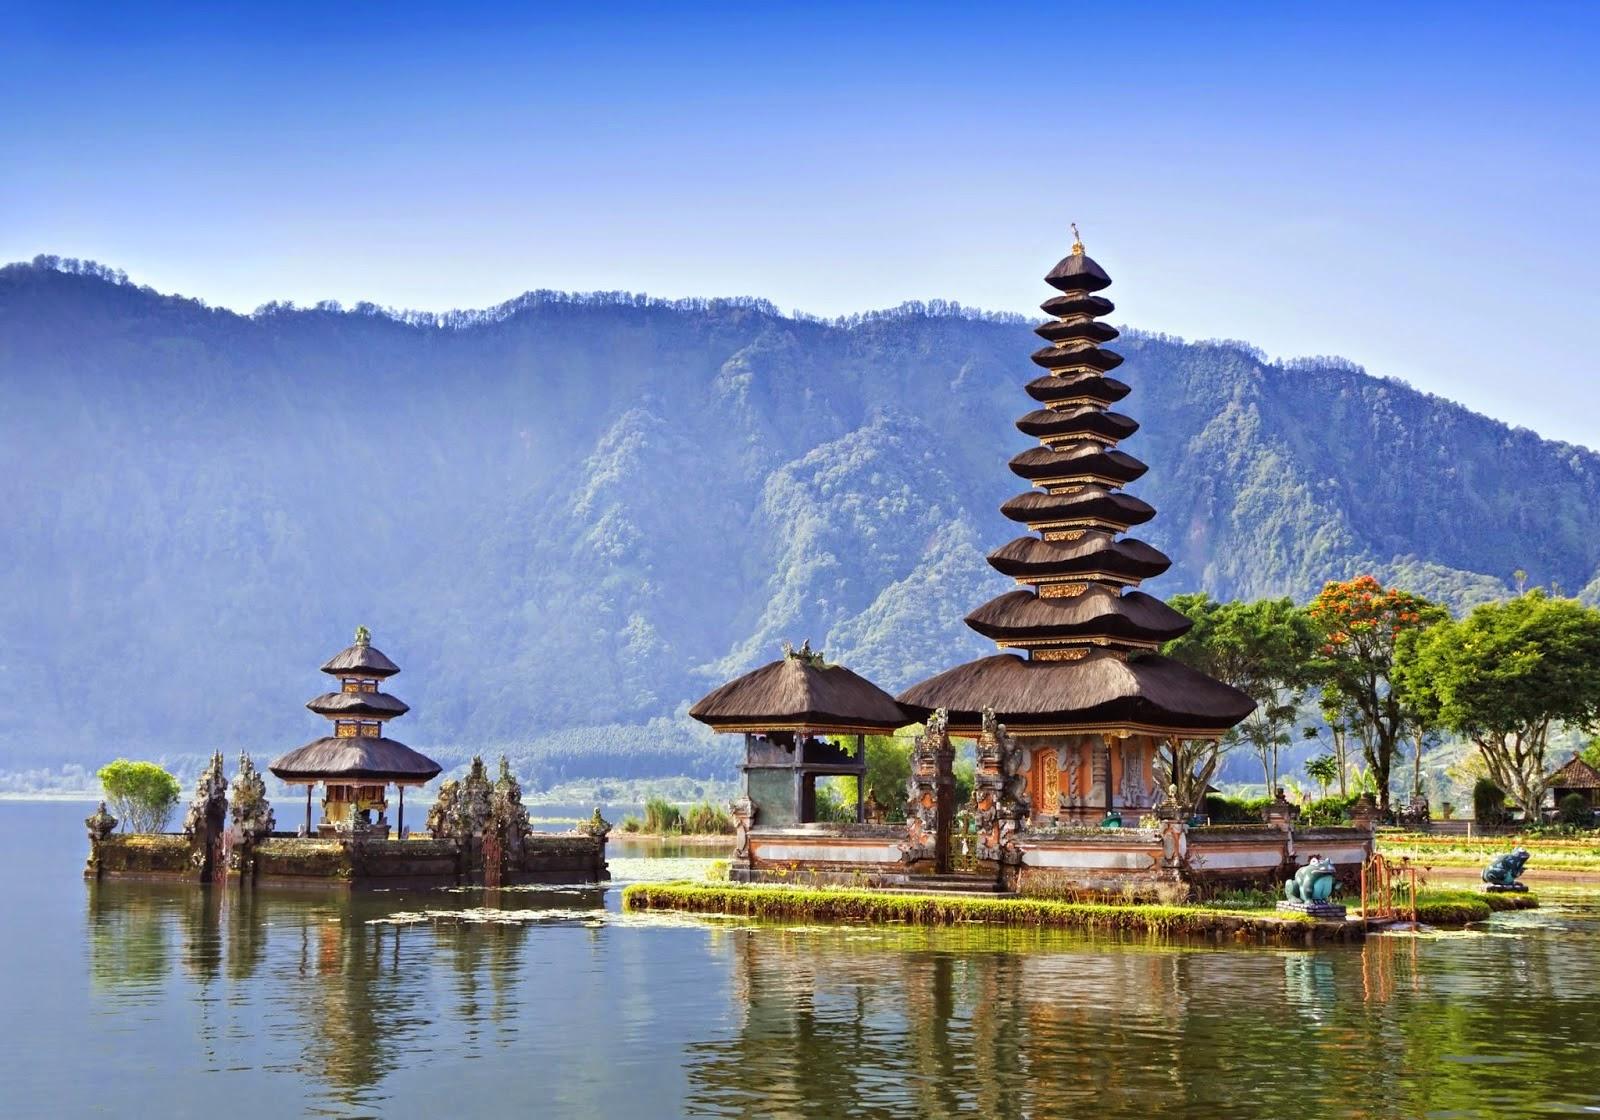 tempat wisata terkenal di jepang